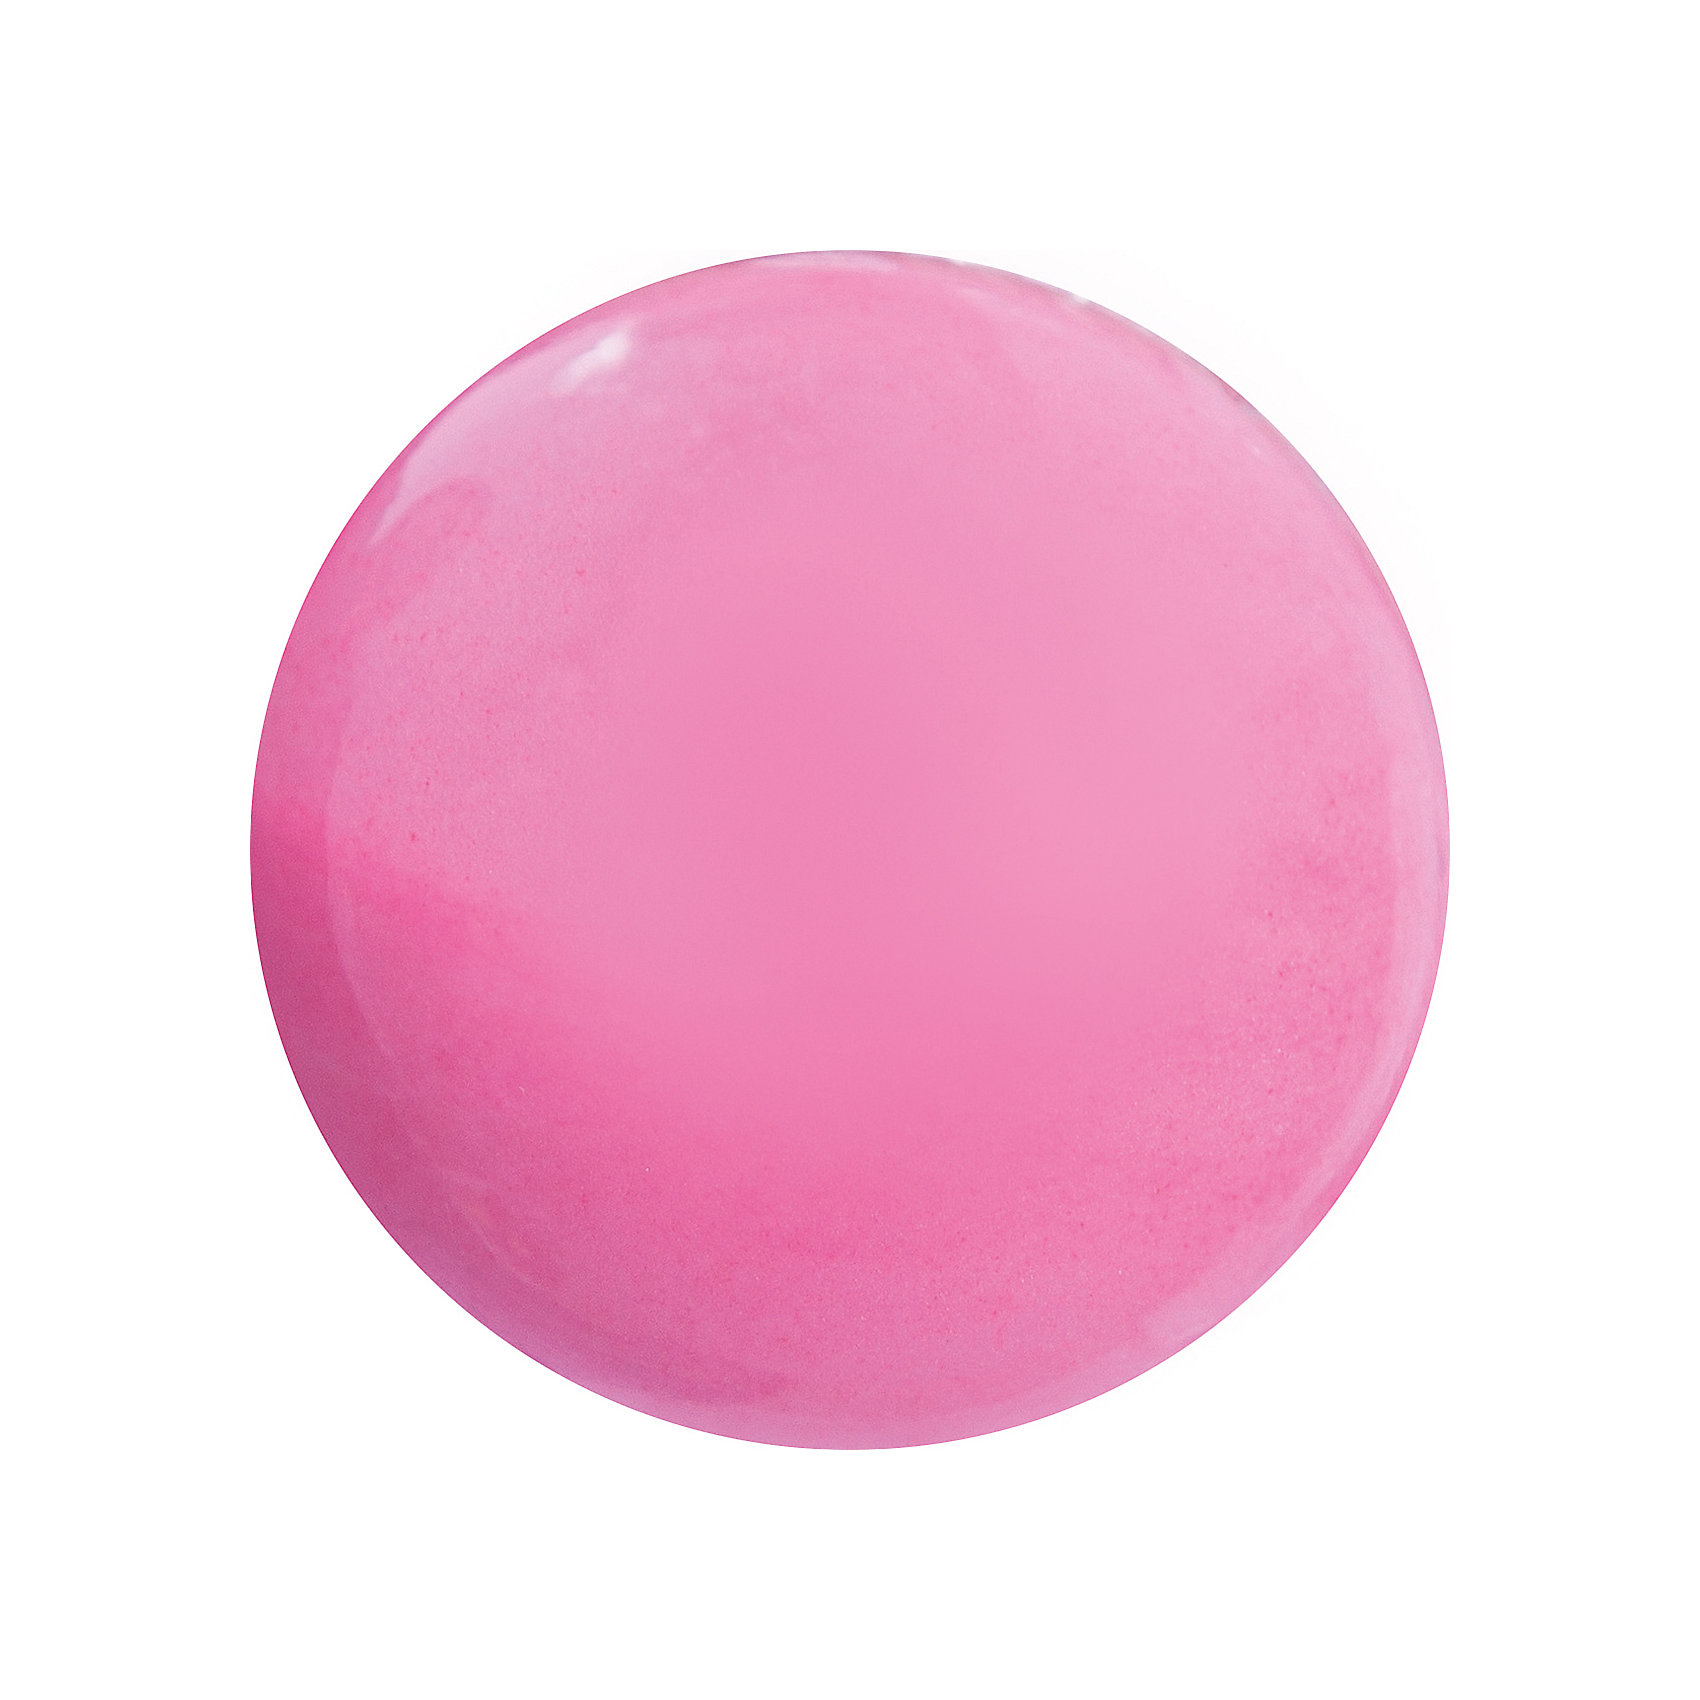 Centrum Пластилин прыгающий в шарике, 35 г., ассортиНаборы для лепки<br>Пластилин хорошо растягивается. Можно использовать в качестве липучки. Принимает любую форму. Отскакивает от твердых поверхностей как мячик. Не оставляет следов на руках<br><br>Ширина мм: 45<br>Глубина мм: 45<br>Высота мм: 45<br>Вес г: 51<br>Возраст от месяцев: 36<br>Возраст до месяцев: 2147483647<br>Пол: Унисекс<br>Возраст: Детский<br>SKU: 6846769